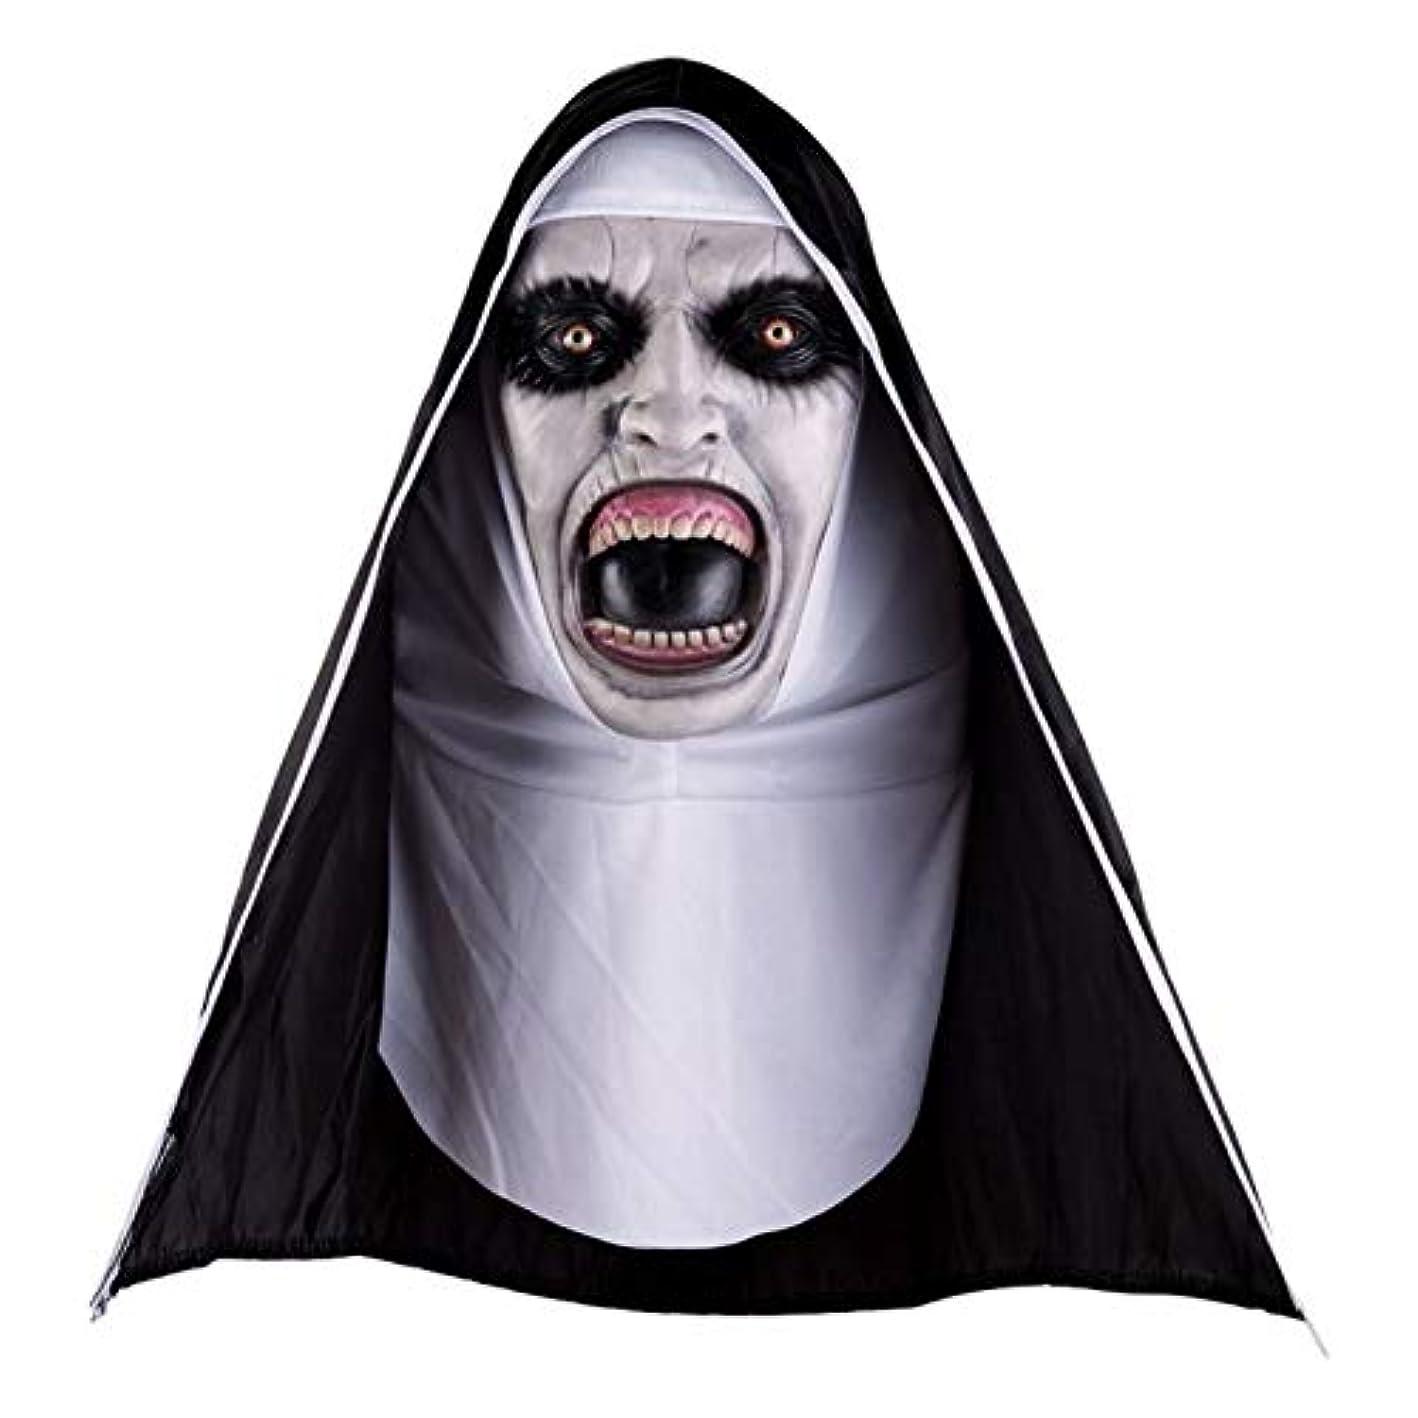 一貫性のないピュー魂KISSION ハロウィーン修道女マスク ハロウィンマスク 修道女ホラーマスク コスプレ怖いラテックスマスク ハロウィーンパーティーの小道具